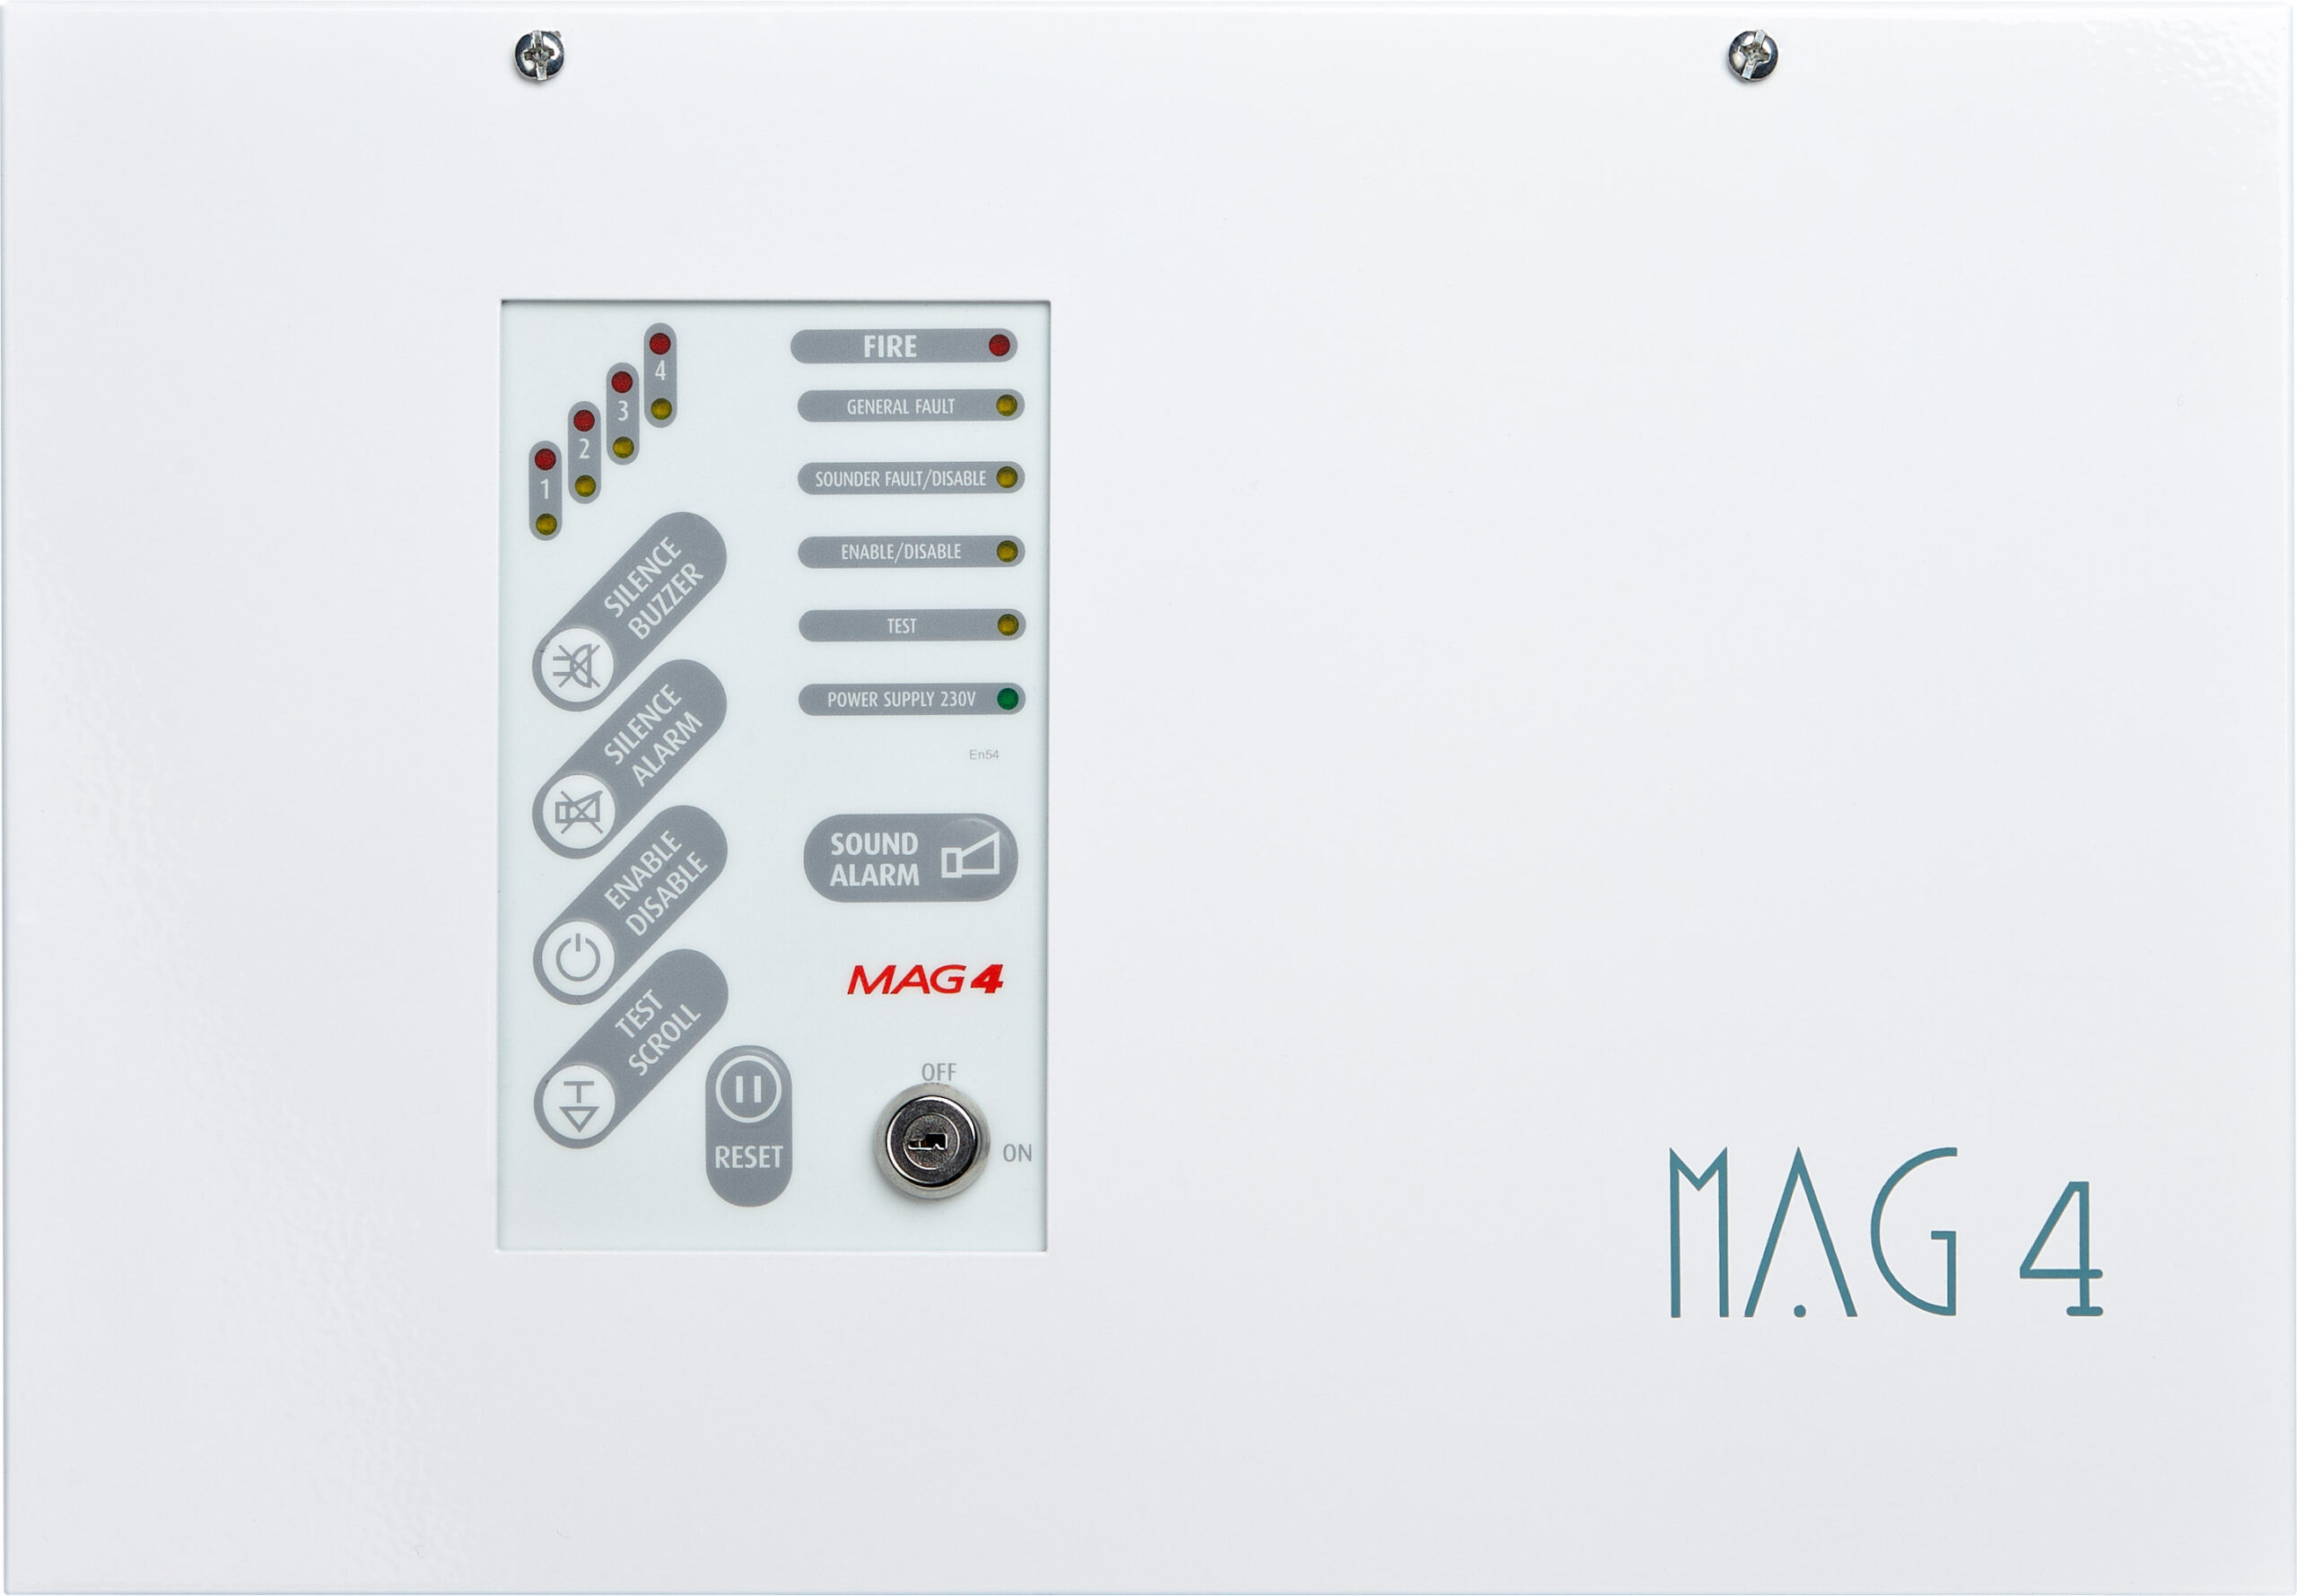 MAG 4M